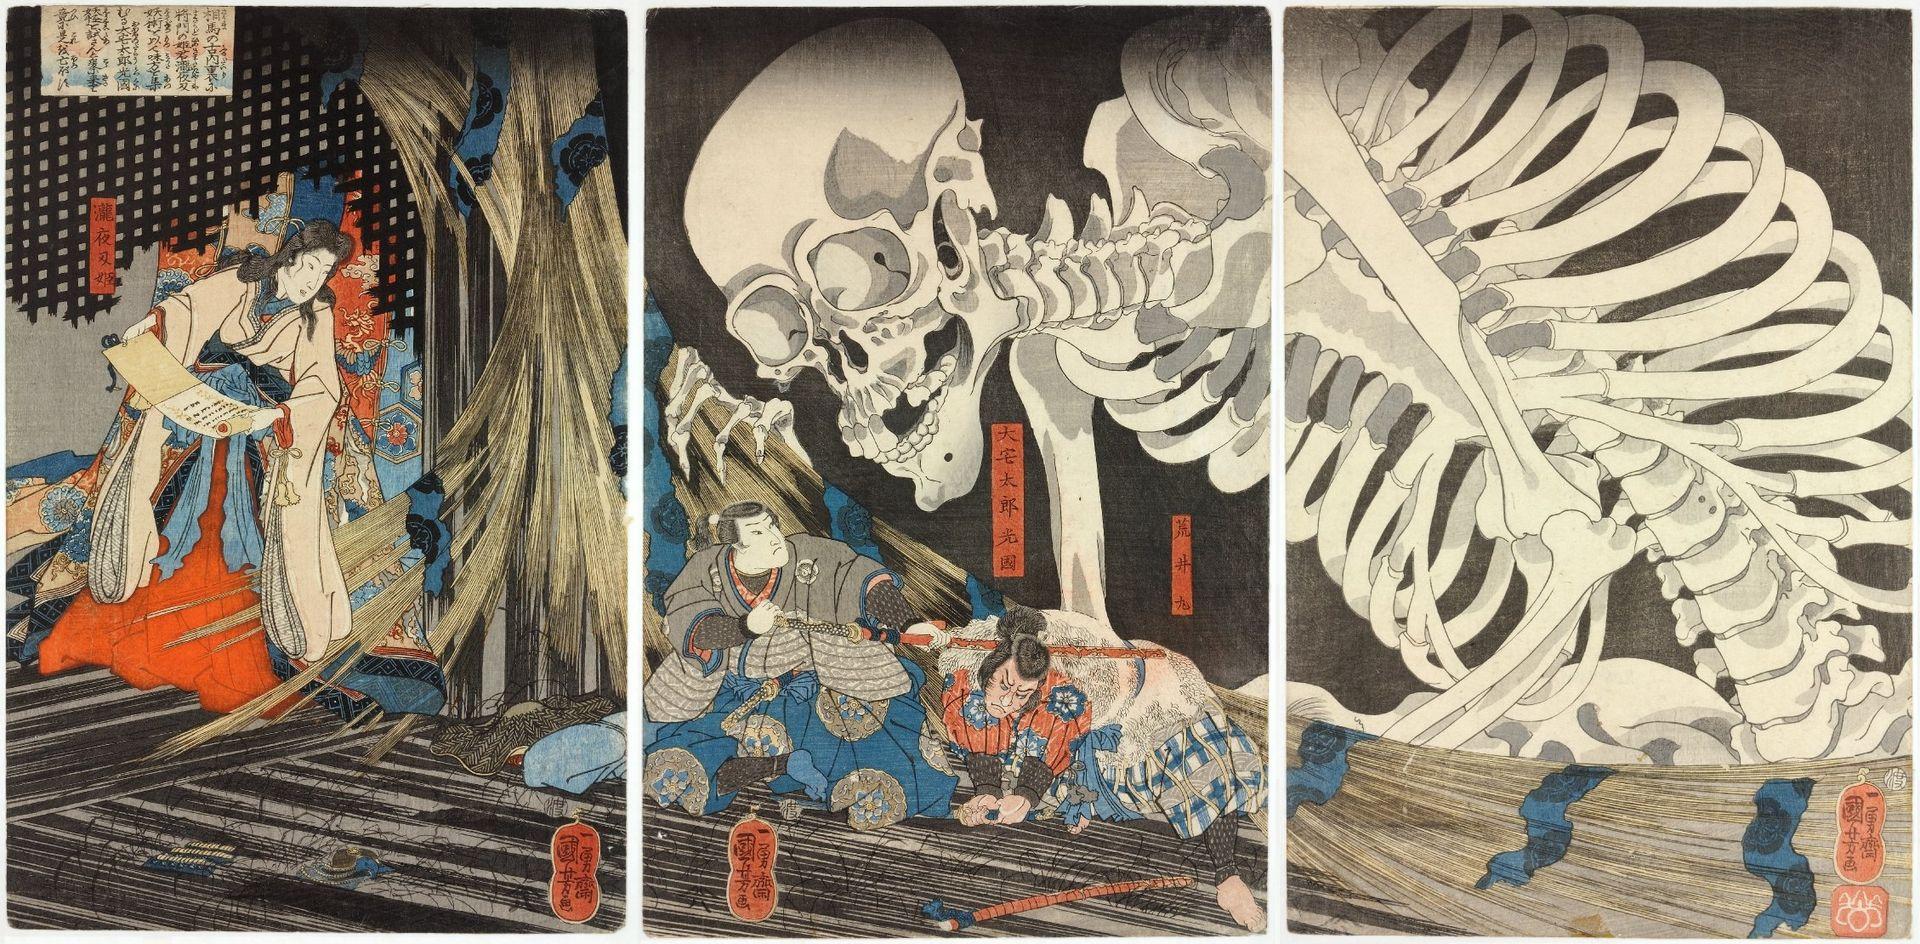 Takiyasha the Witch and the Skeleton Spectre